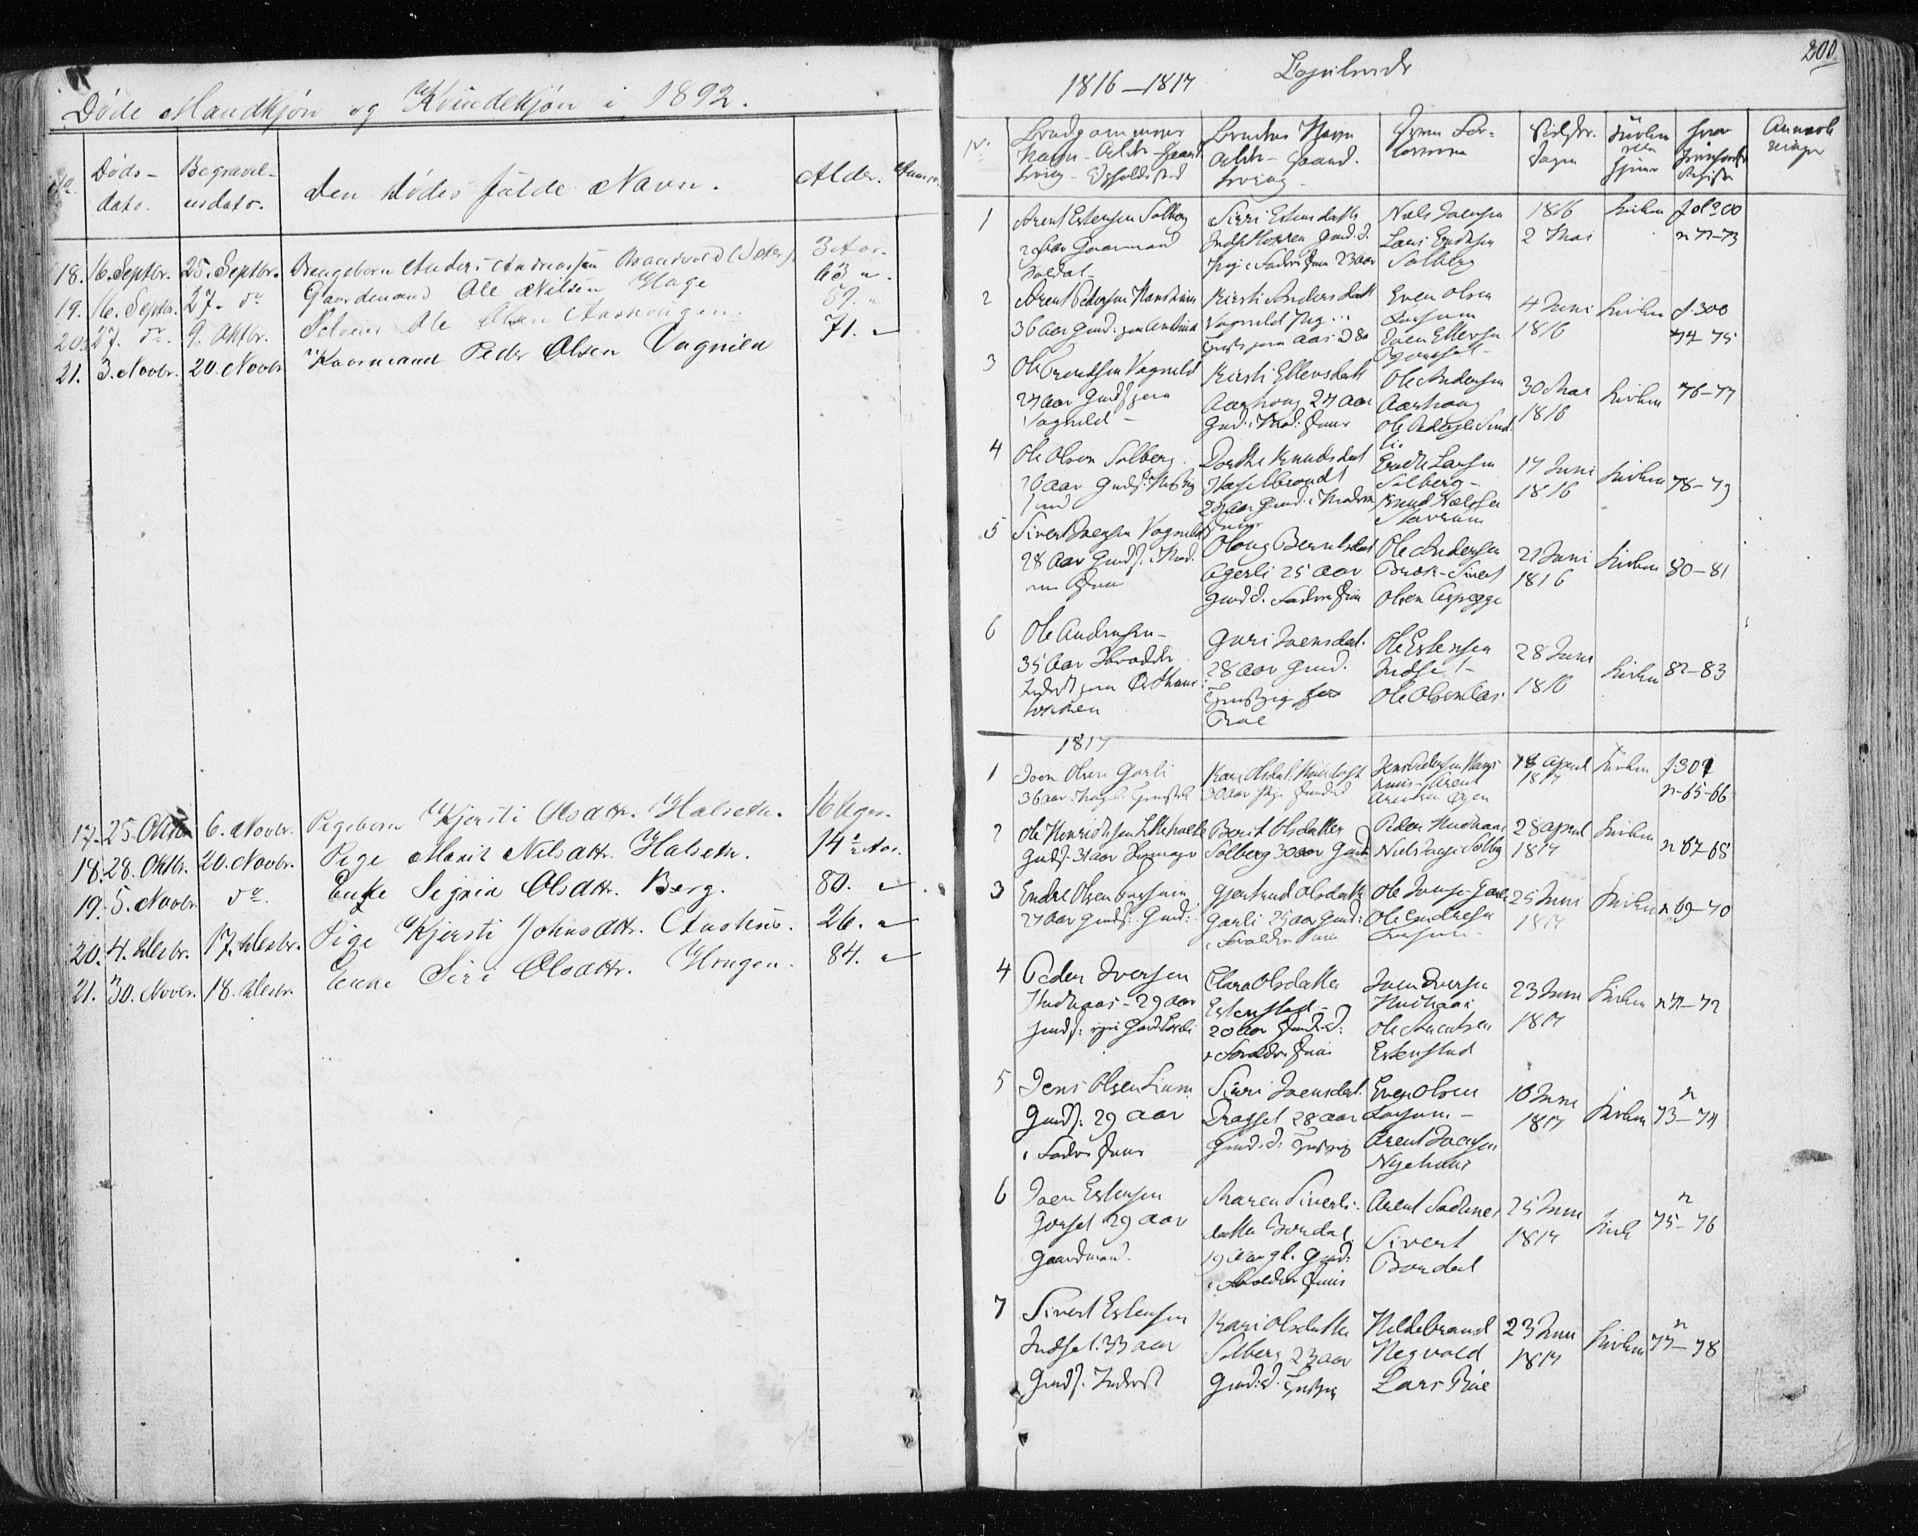 SAT, Ministerialprotokoller, klokkerbøker og fødselsregistre - Sør-Trøndelag, 689/L1043: Klokkerbok nr. 689C02, 1816-1892, s. 200